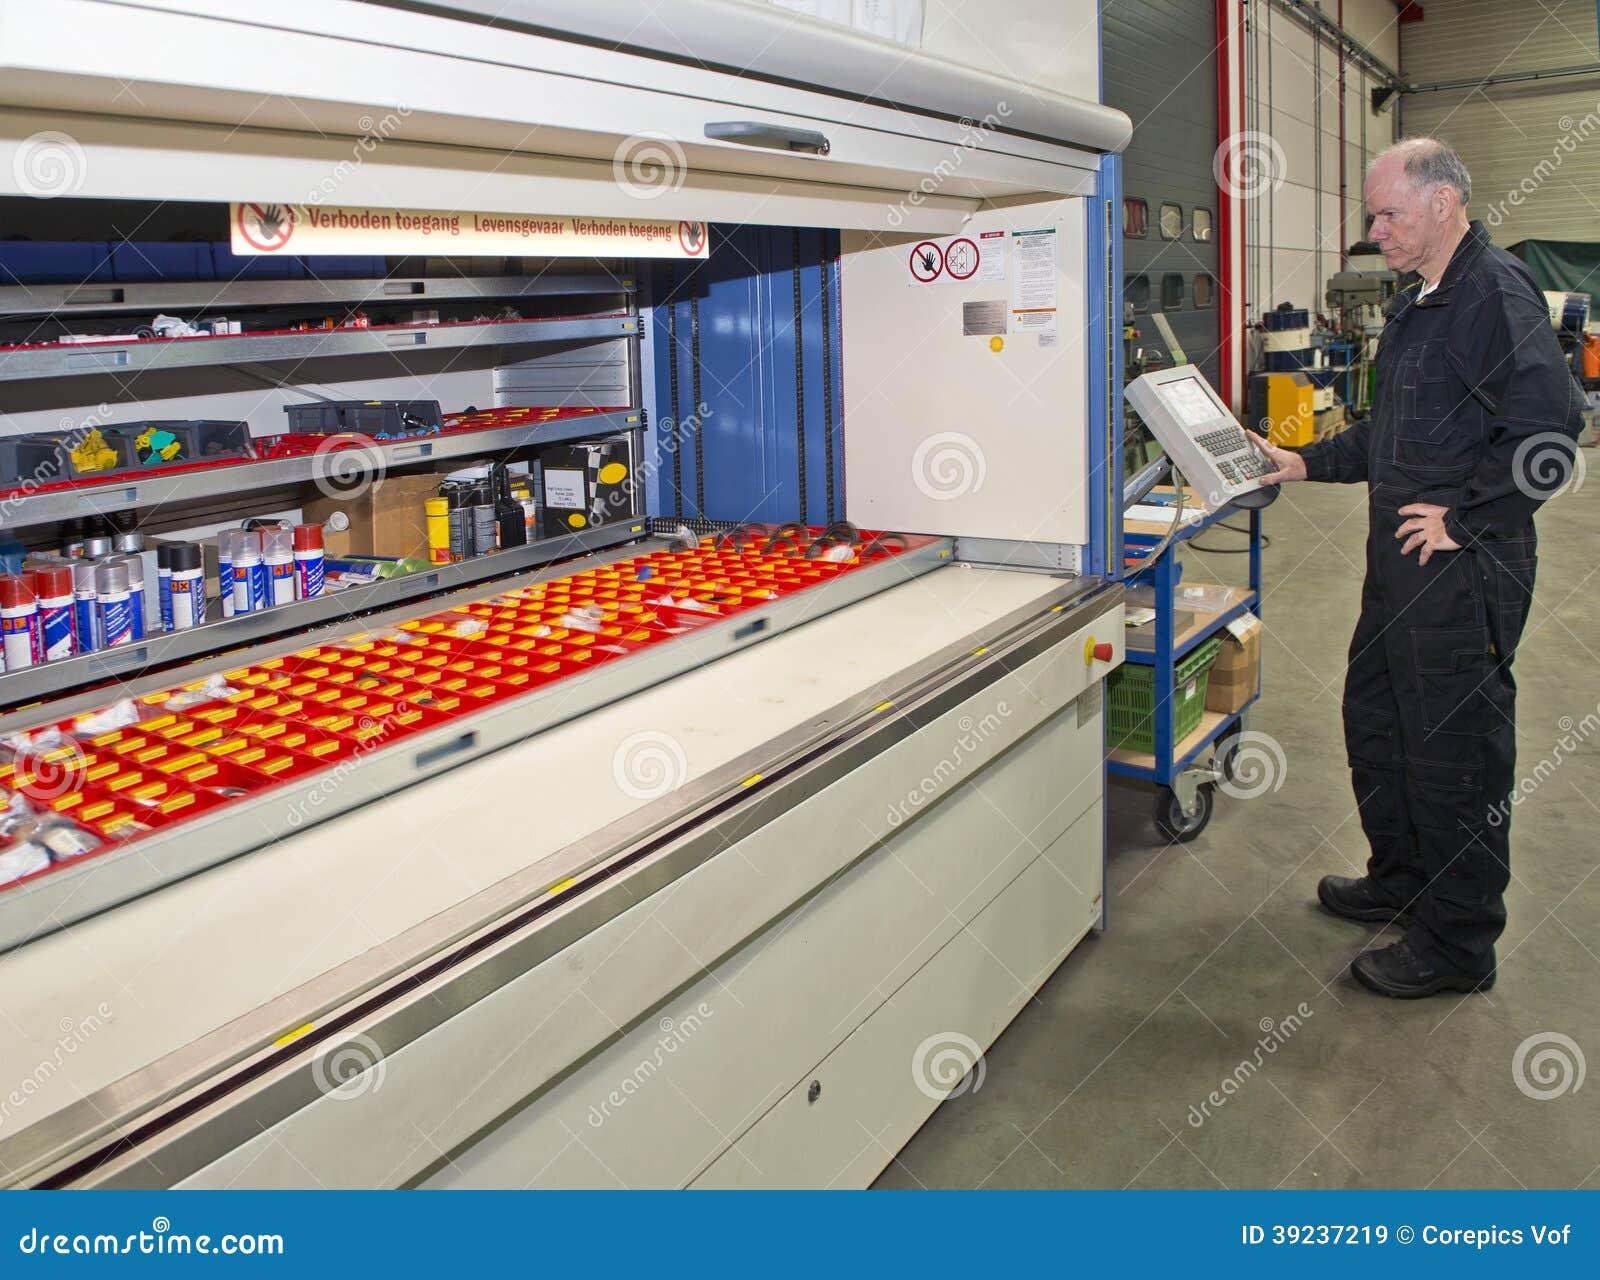 Automated storage cabinet stock image. Image of senior - 39237219